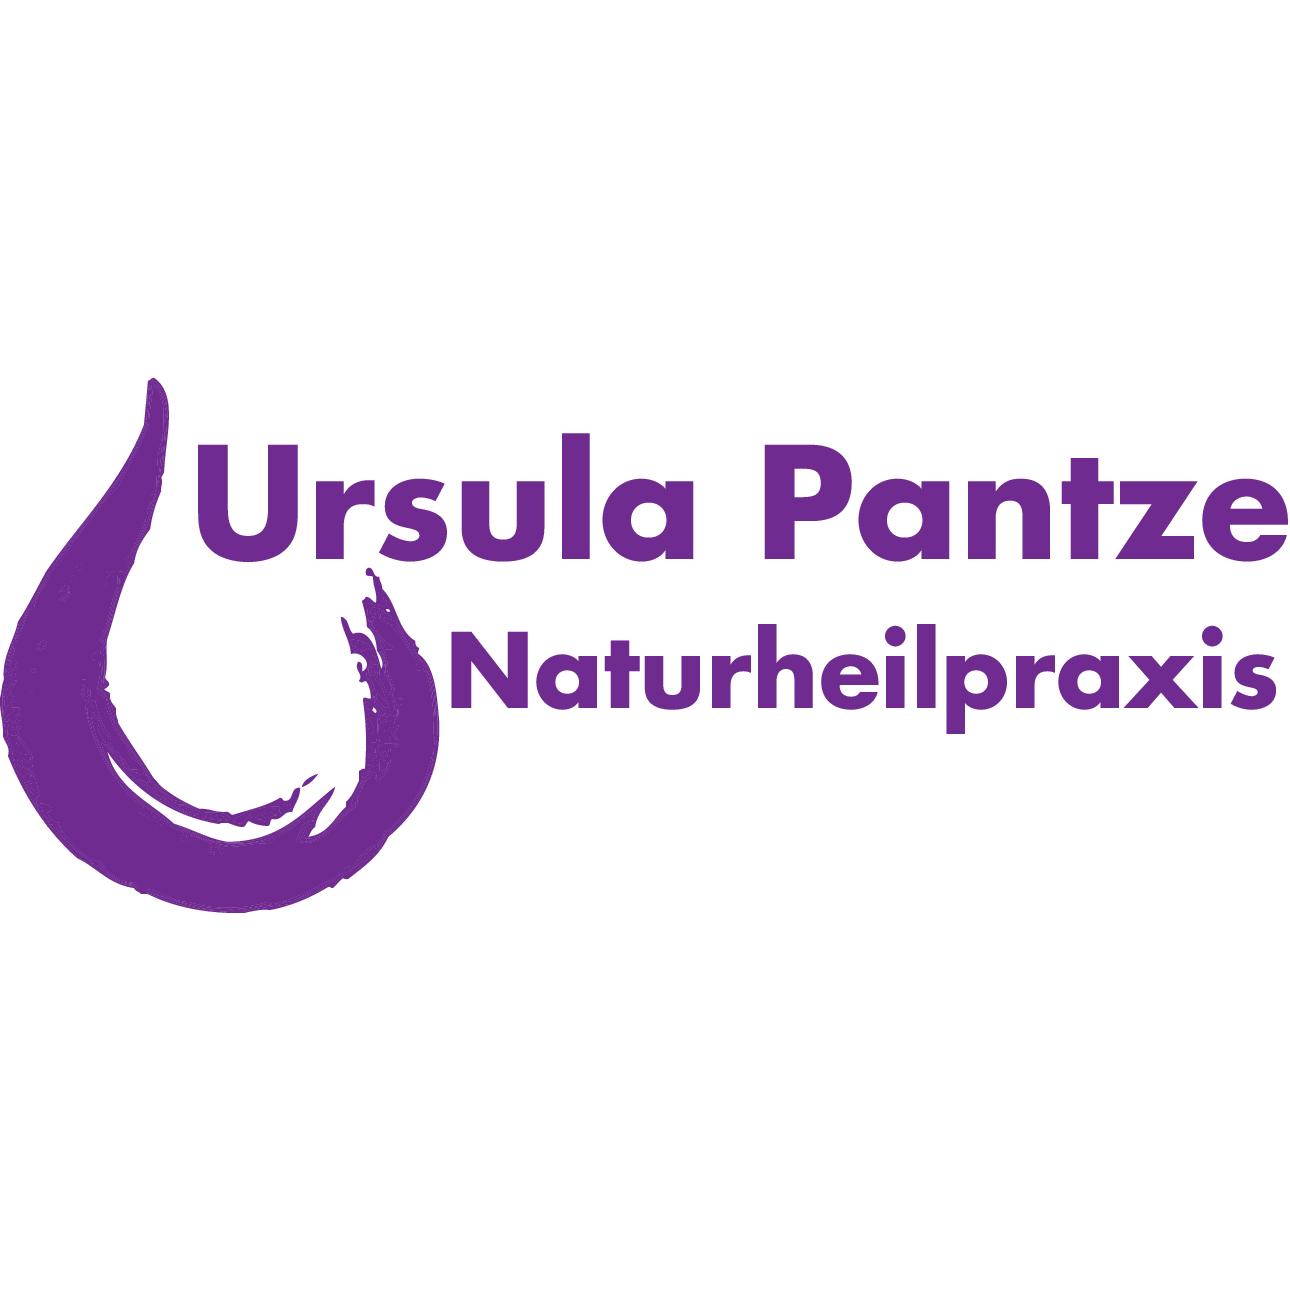 Bild zu Naturheilpraxis Ursula Pantze in Neumarkt in der Oberpfalz